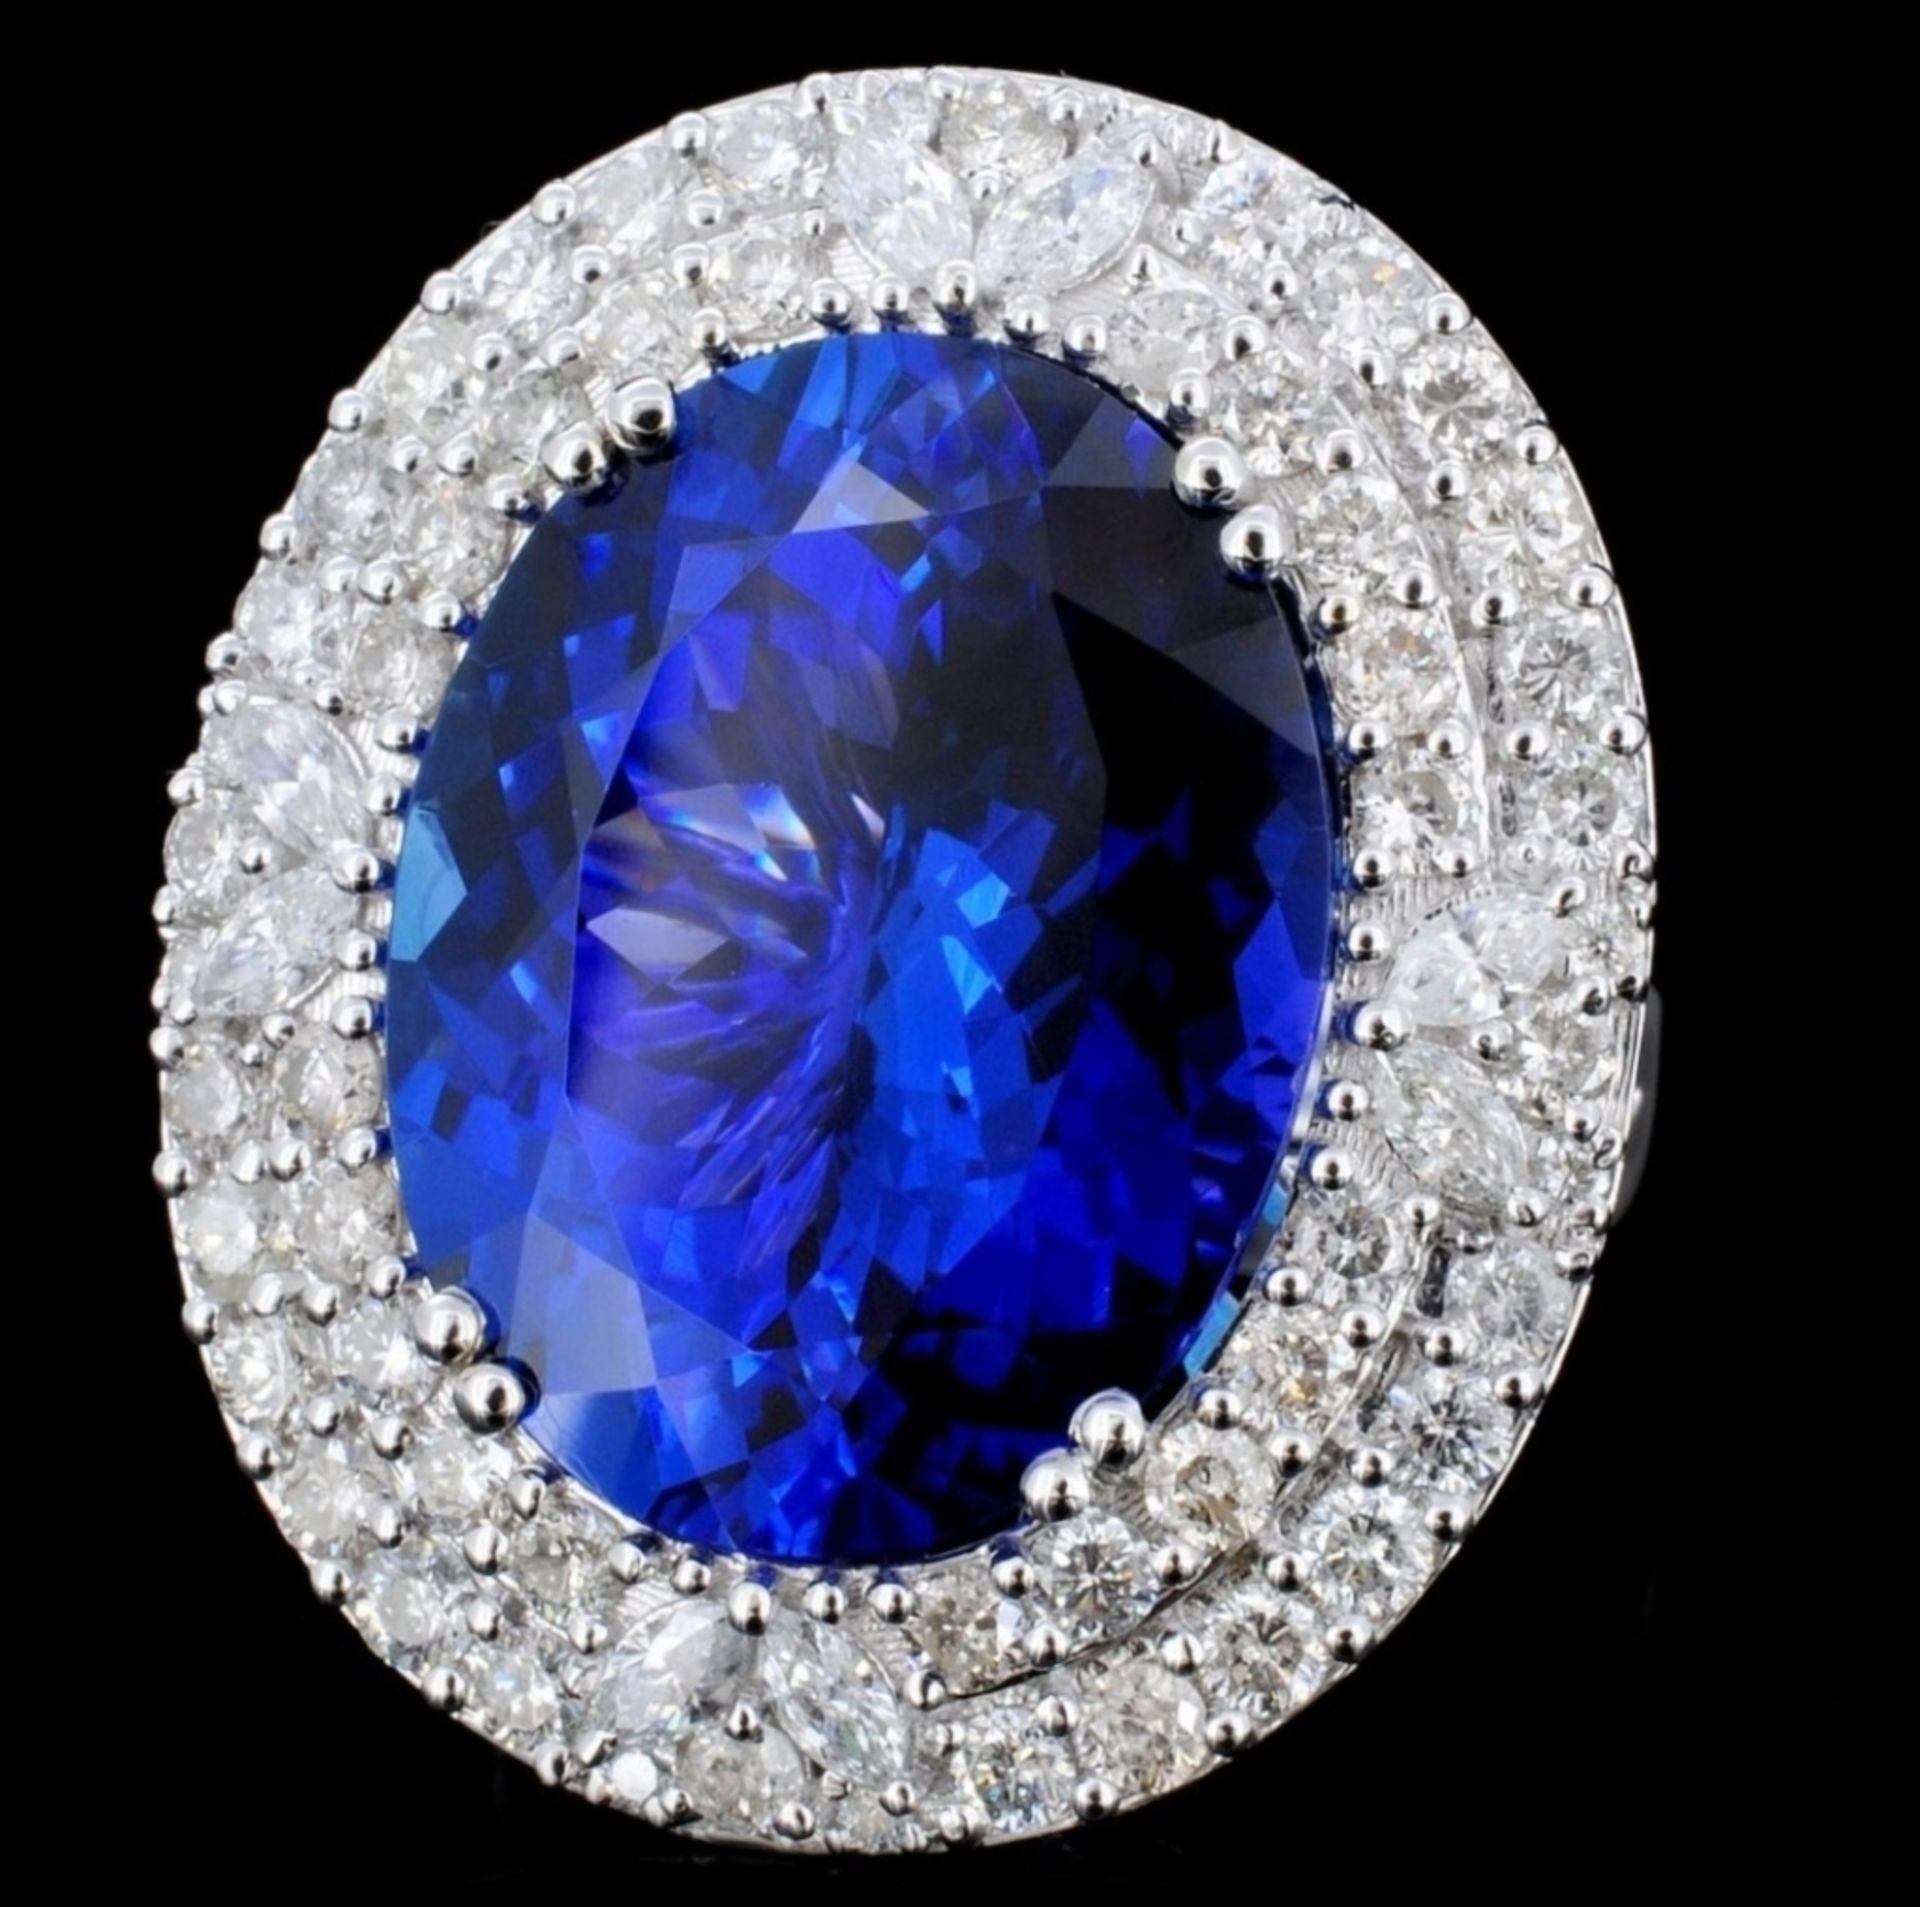 18K Gold 16.55ct Tanzanite & 2.05ct Diamond Ring - Image 2 of 4